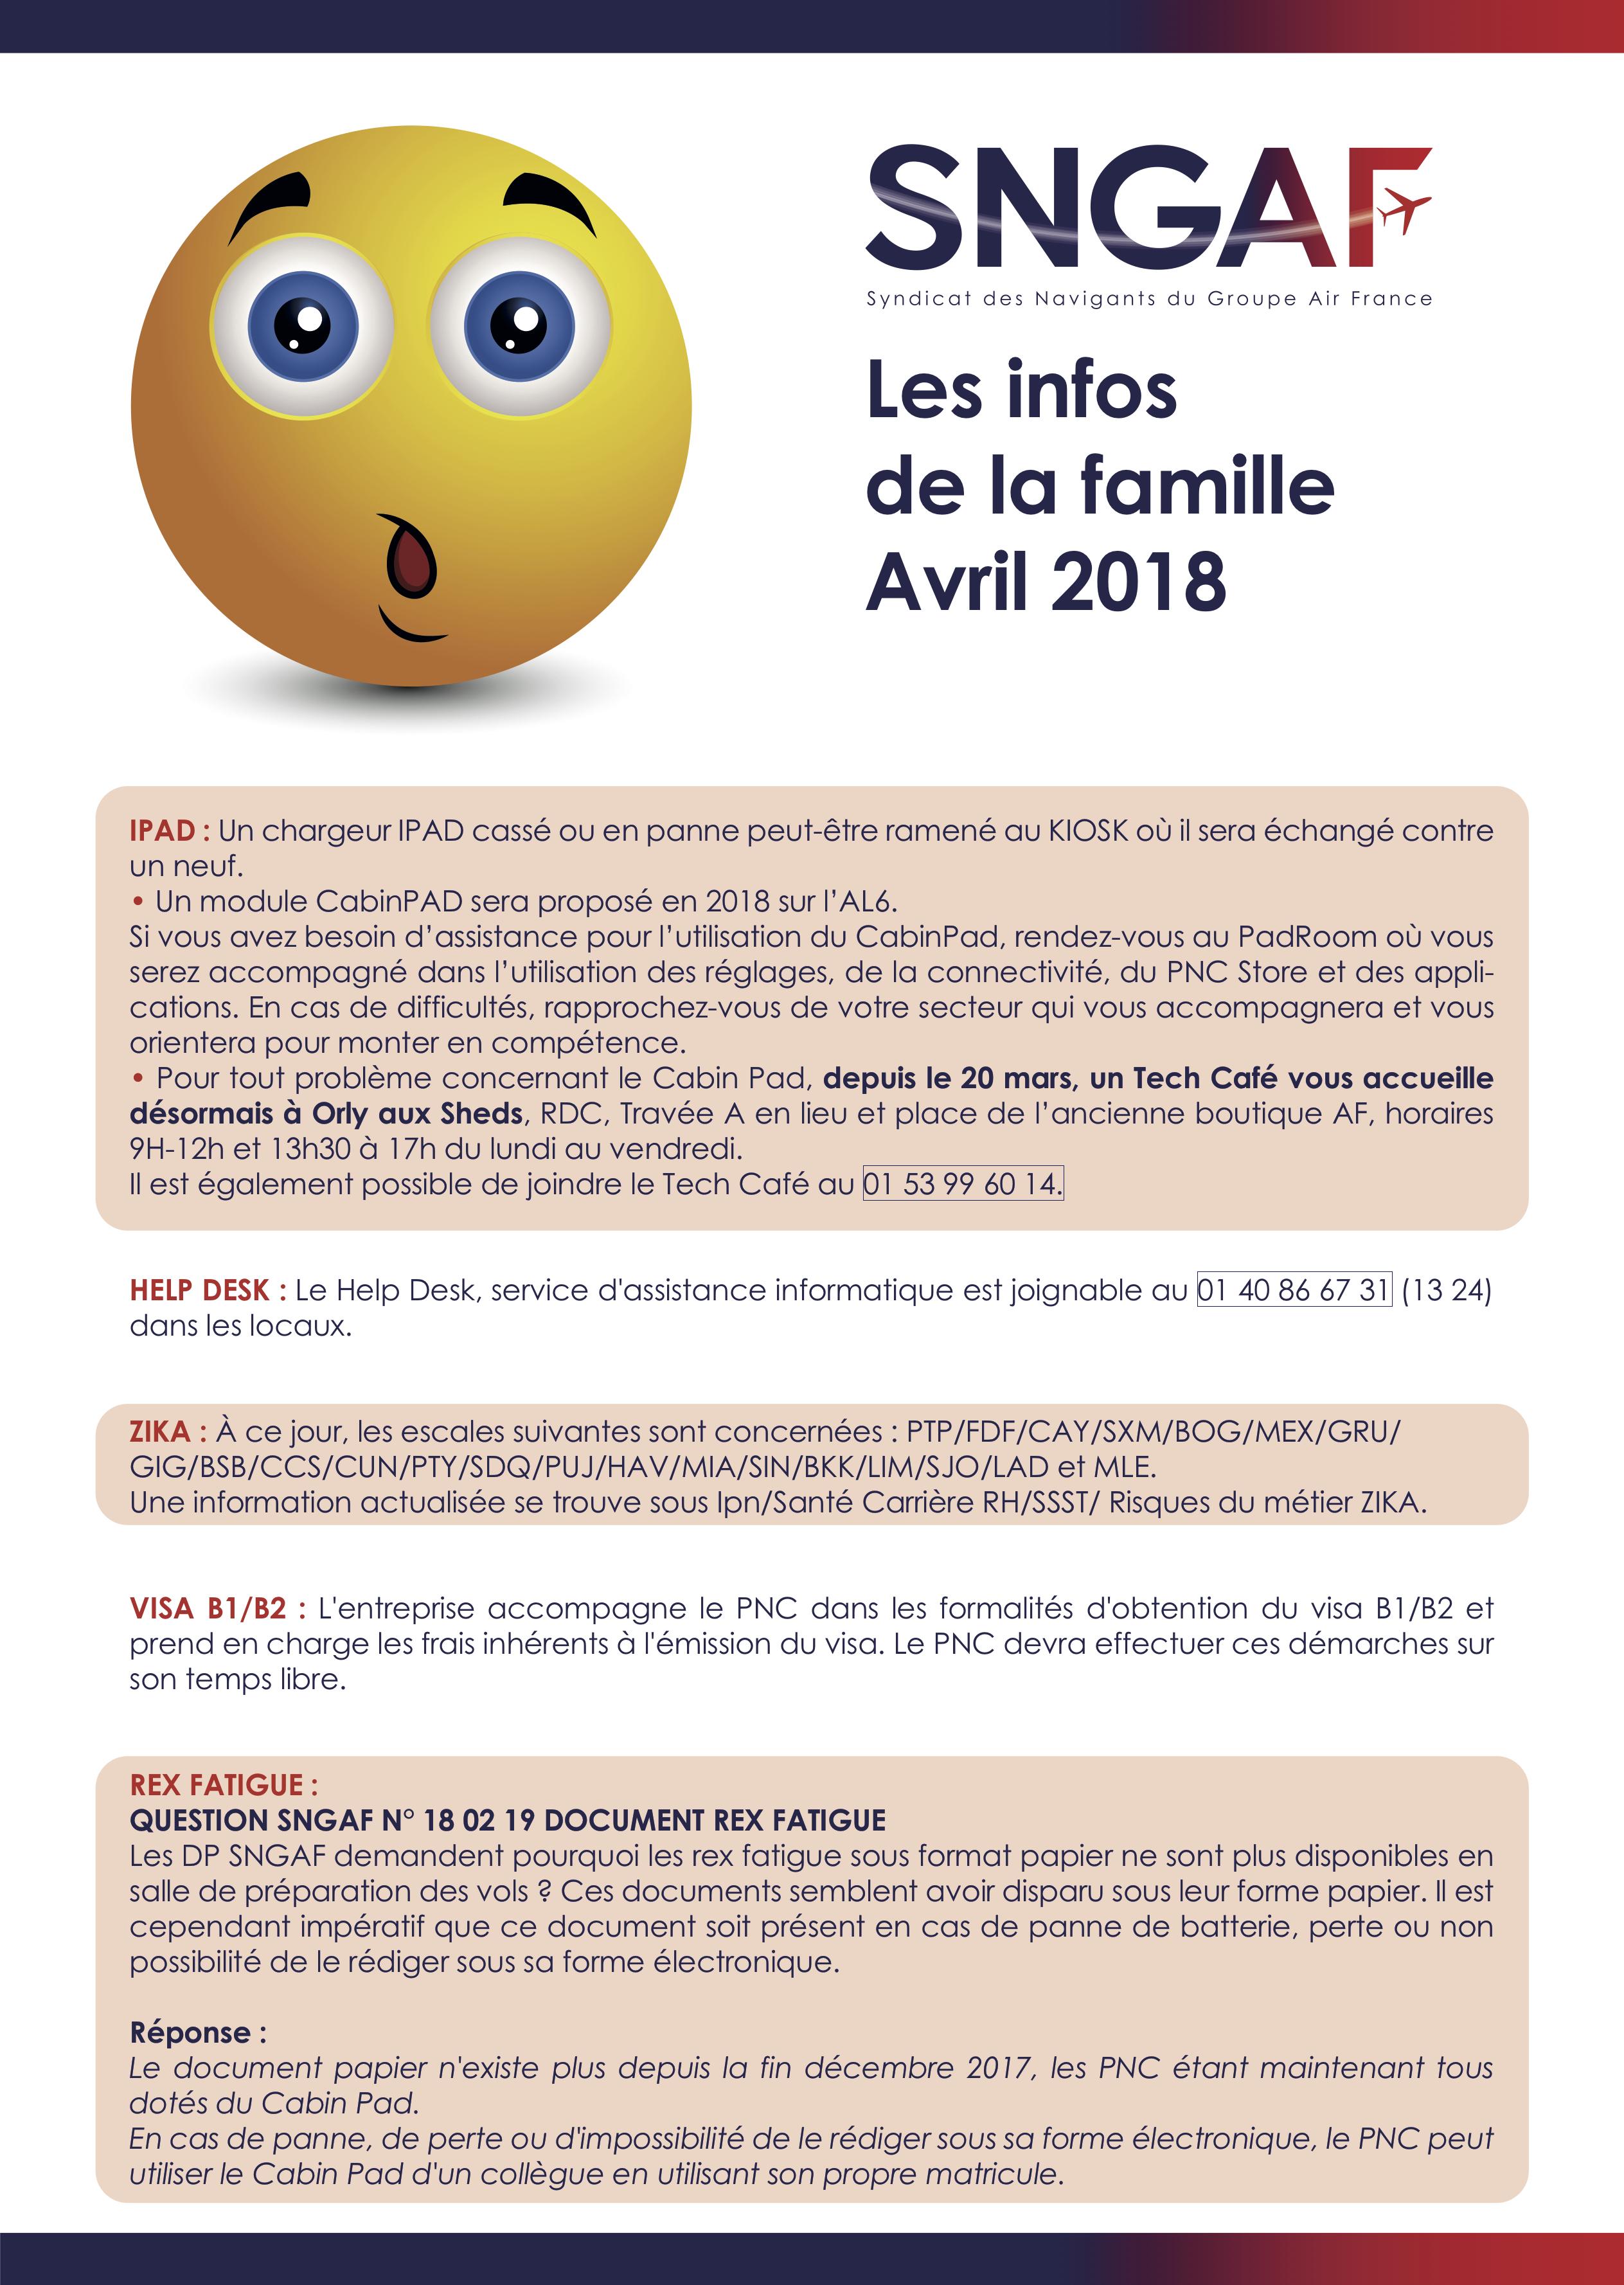 Les infos de la famille - Avril 2018 - 1